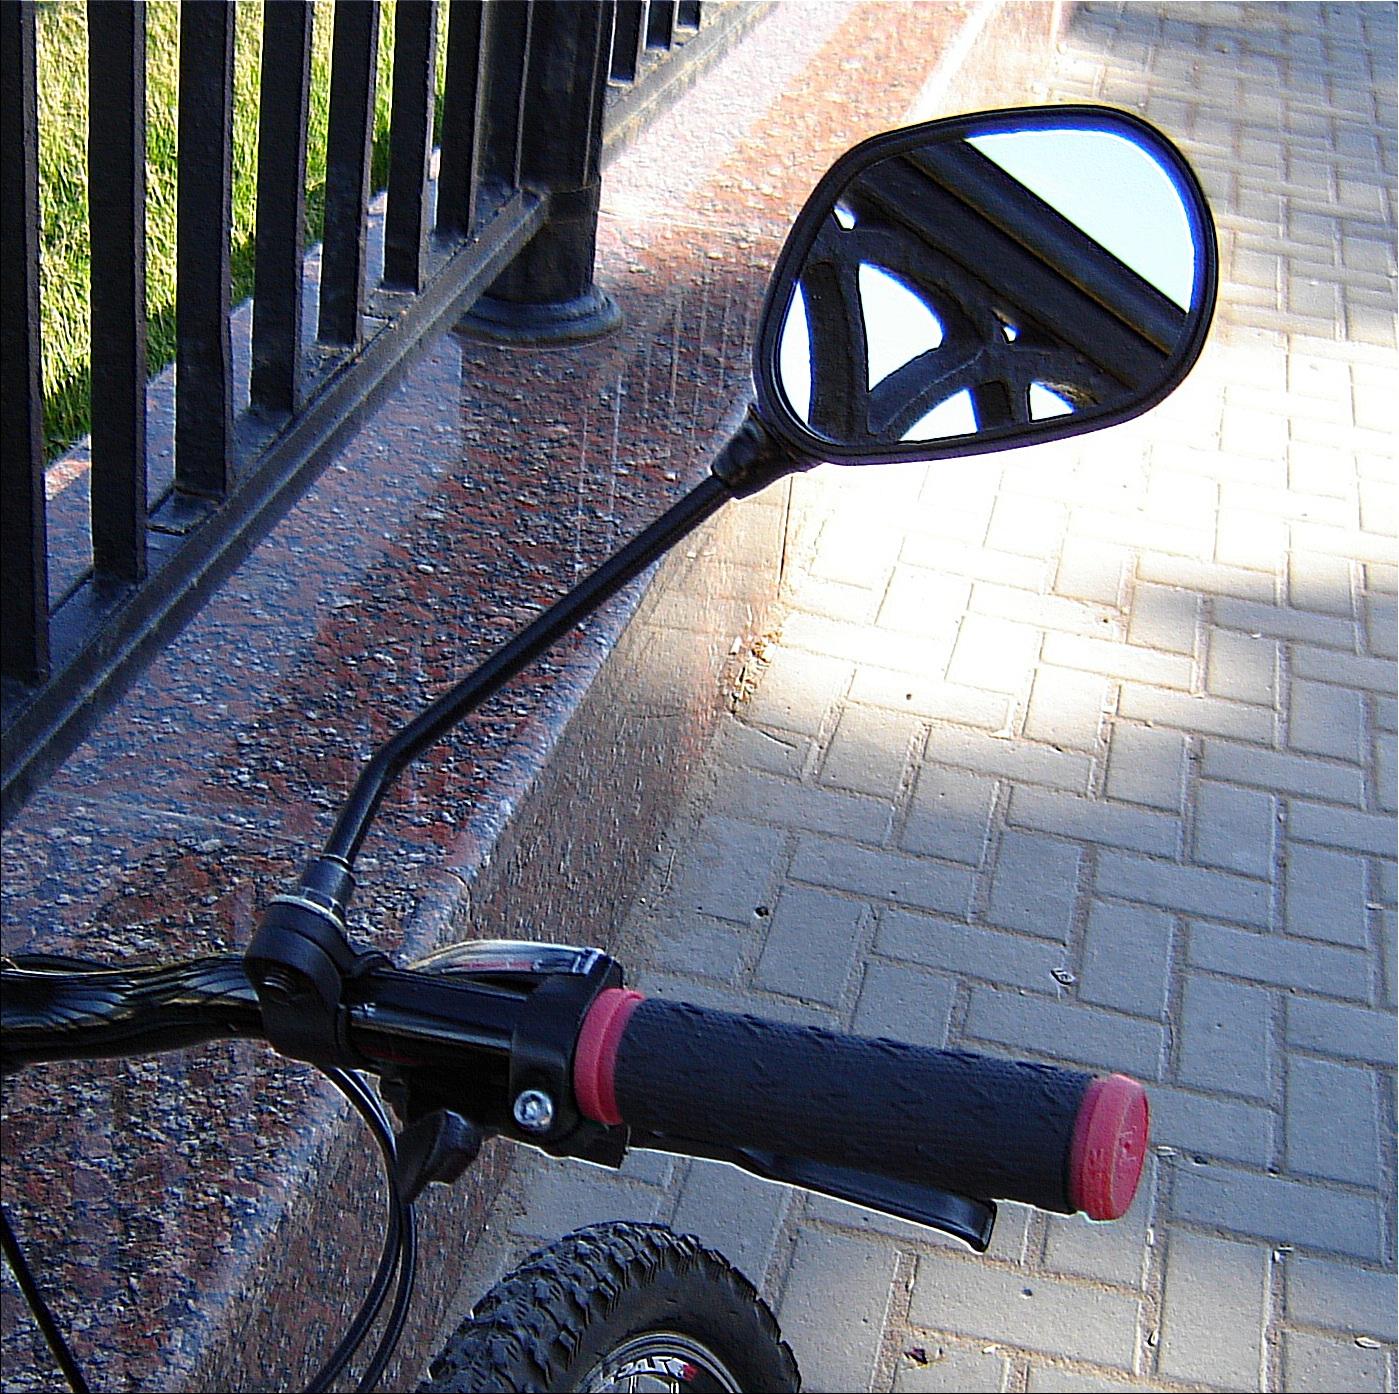 инструкция по установке фонаря с генератором на велосипед